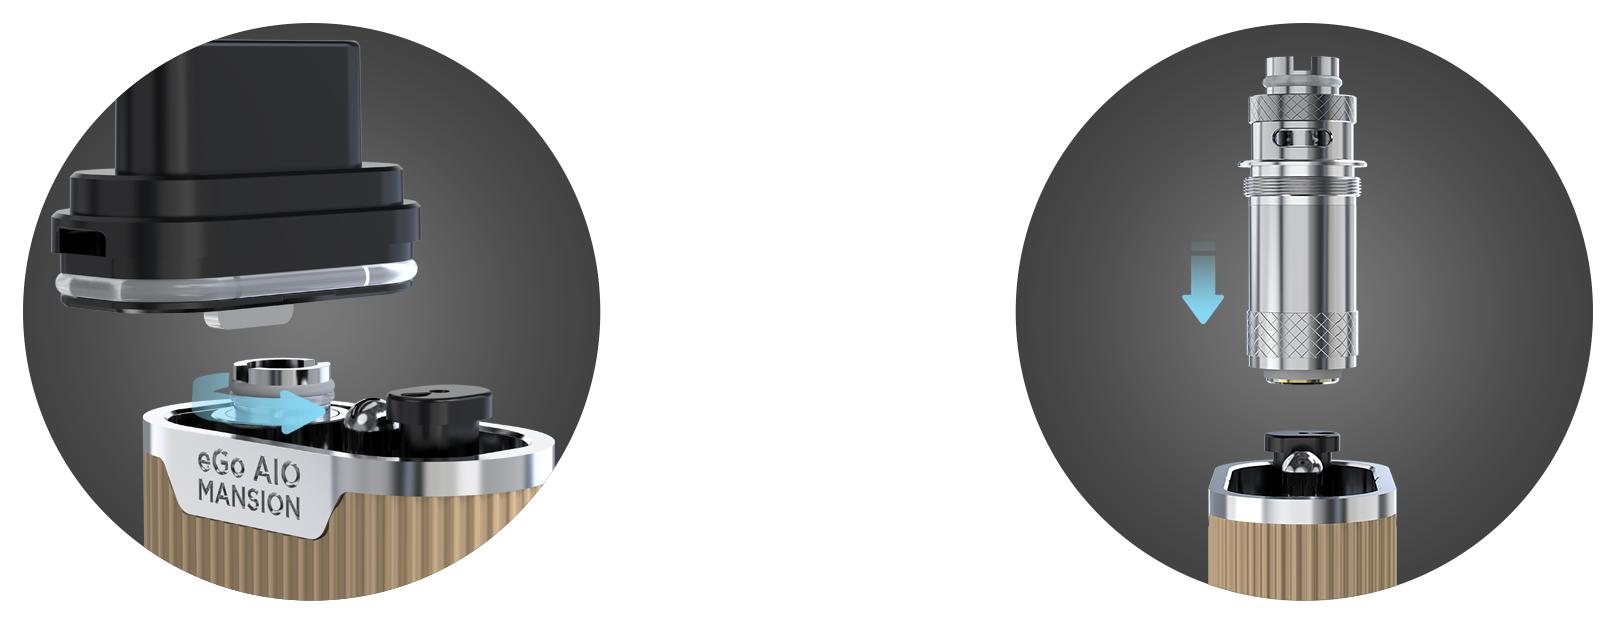 Žhavící hlava elektronické cigarety Joyetech eGo AIO Mansion